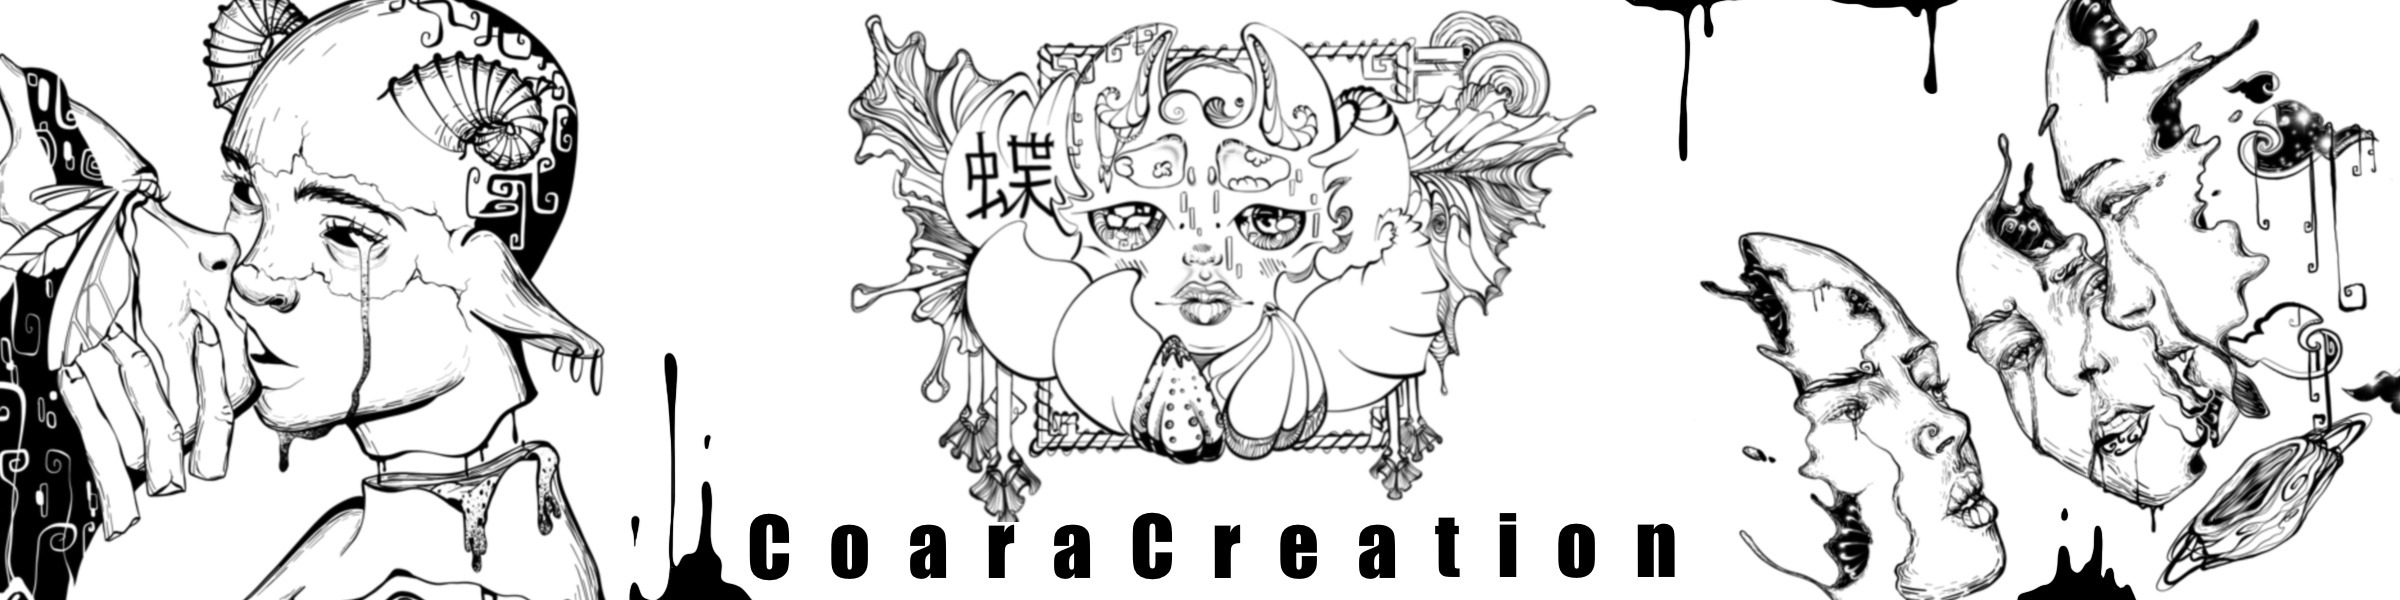 (@coaracreation) Cover Image